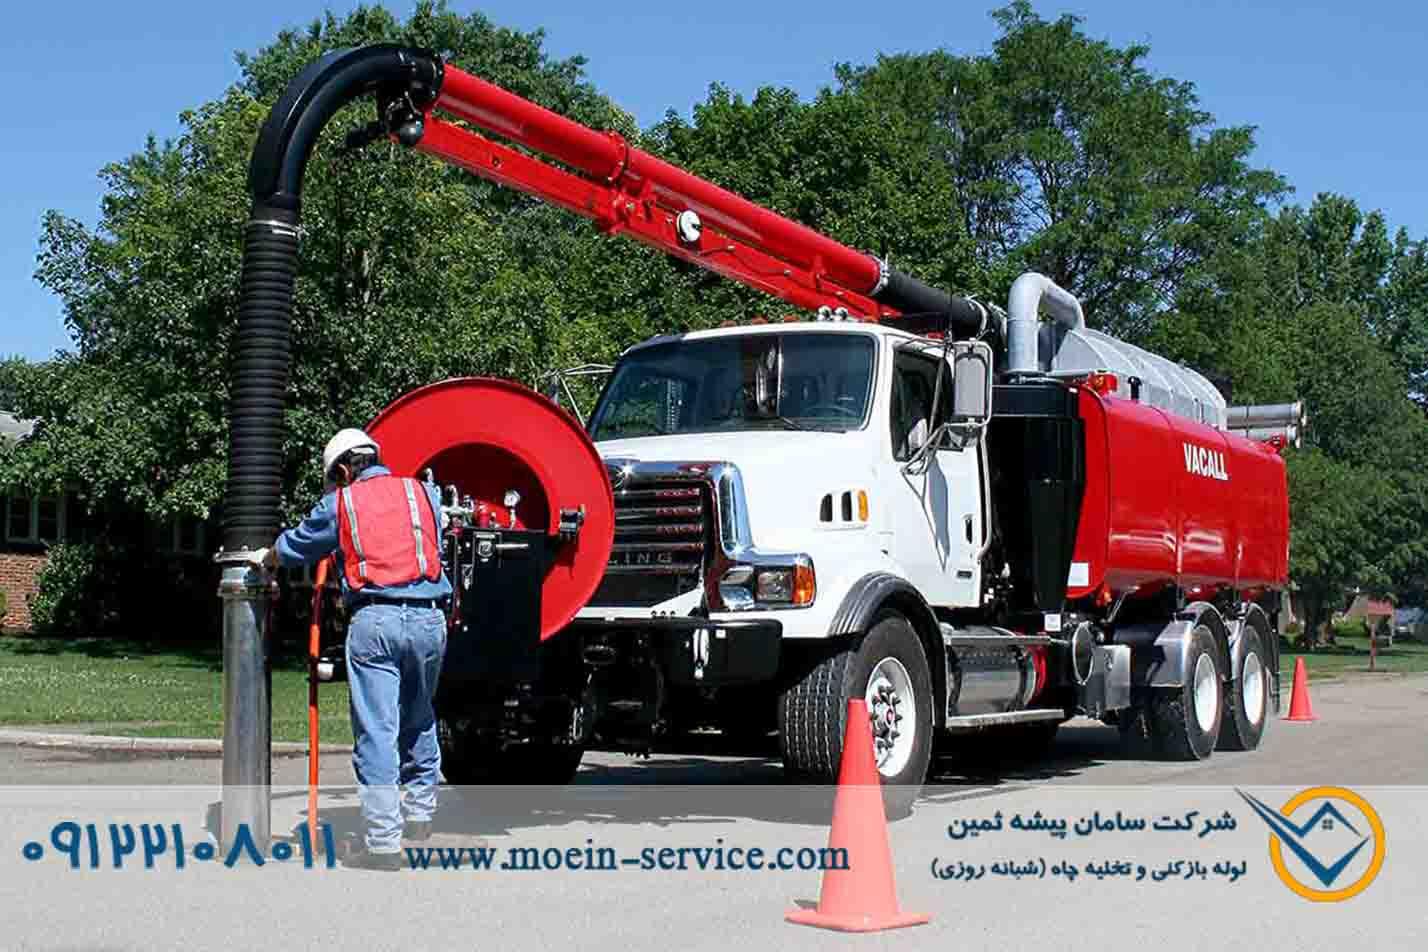 تخلیه چاه با پمپ ساکشن - moein service ایمن تخلیه چاه